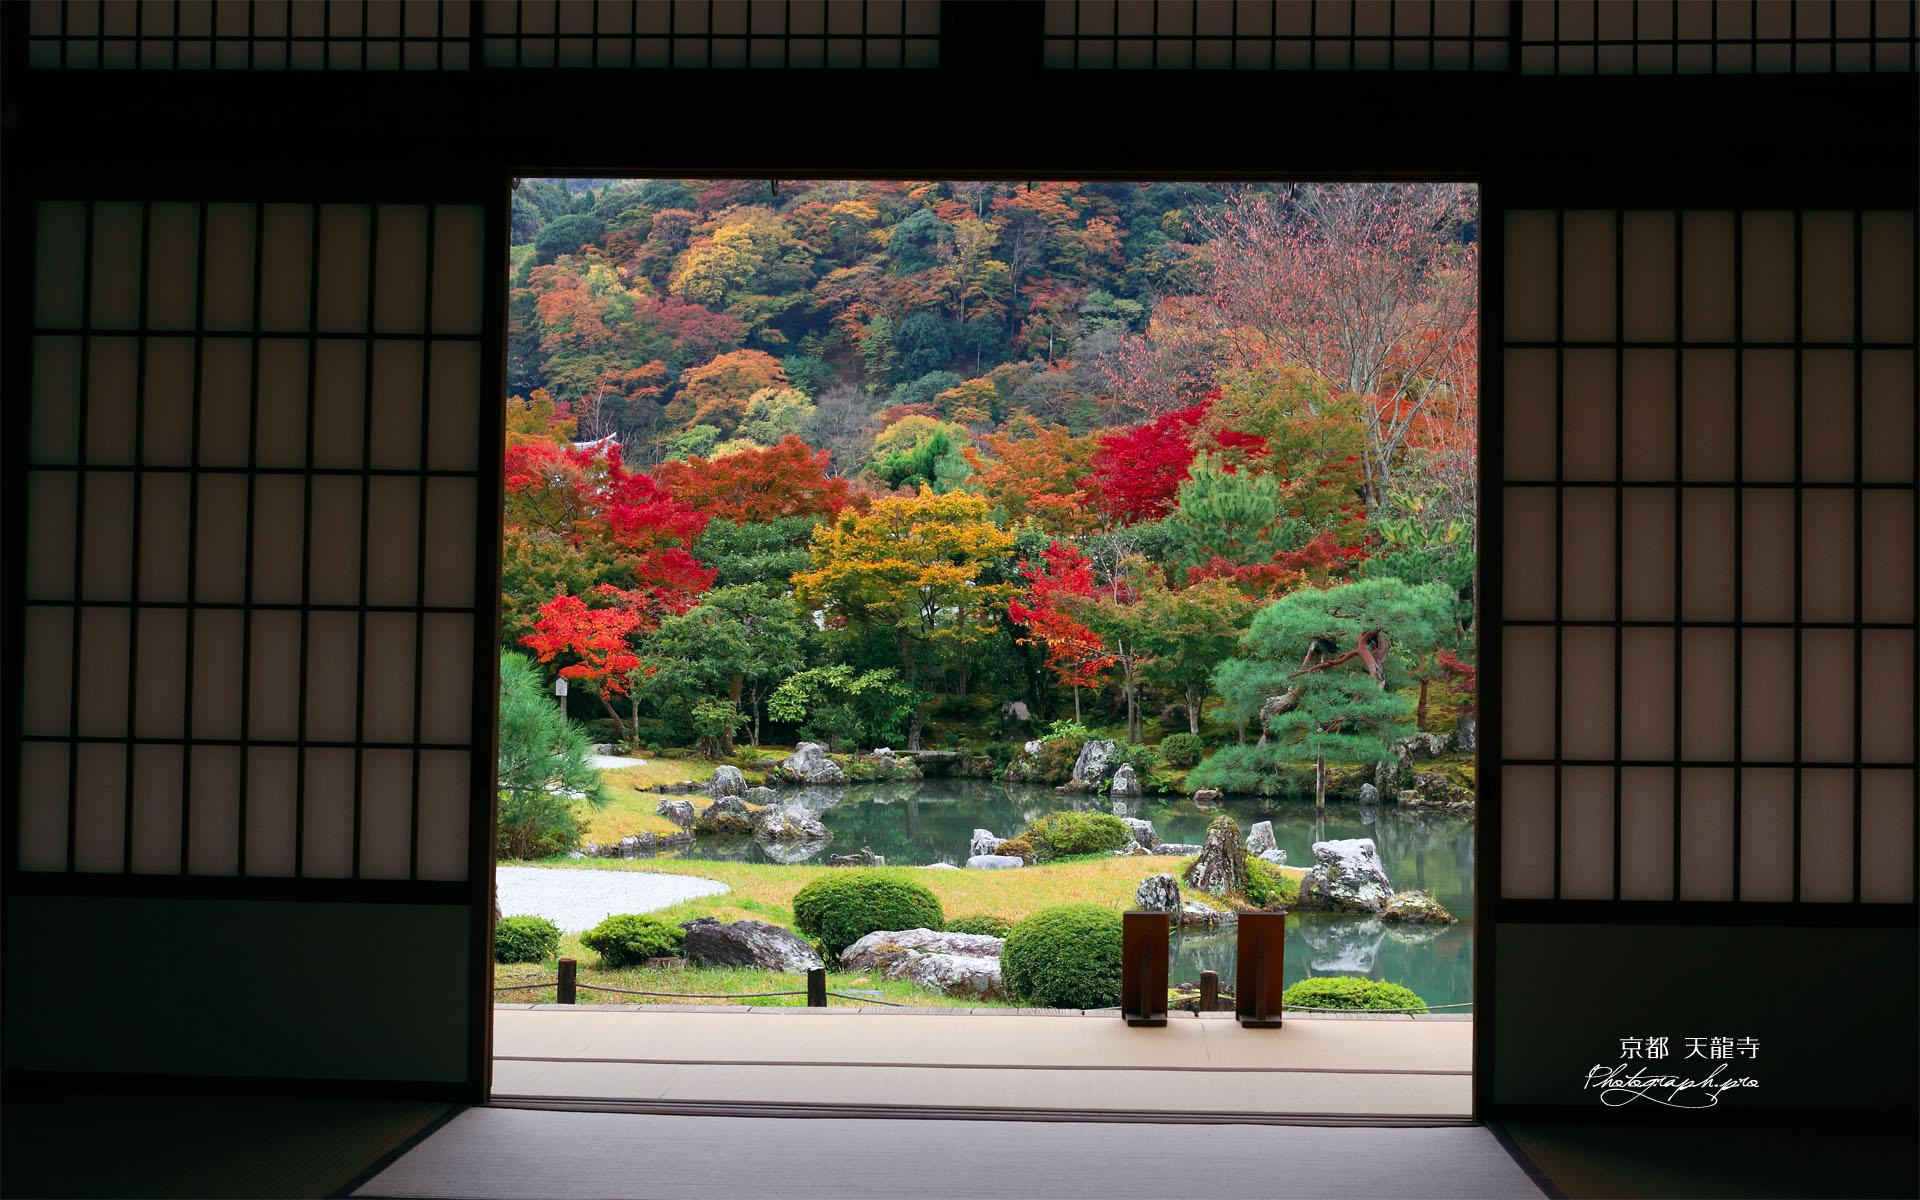 紅葉の天龍寺曹源池庭園